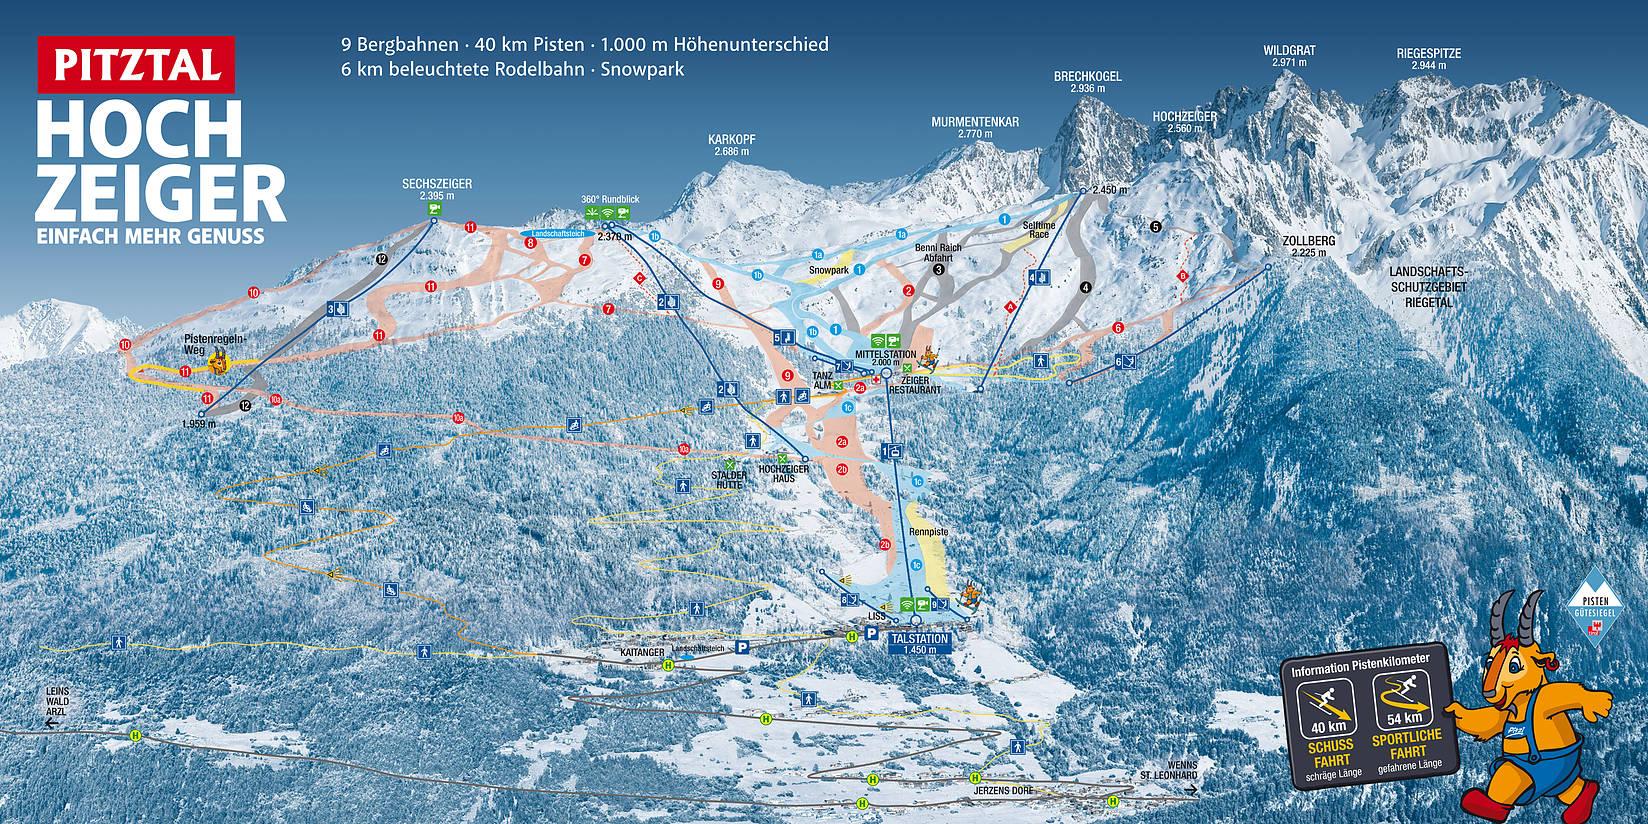 Hochzeiger Piste / Trail Map